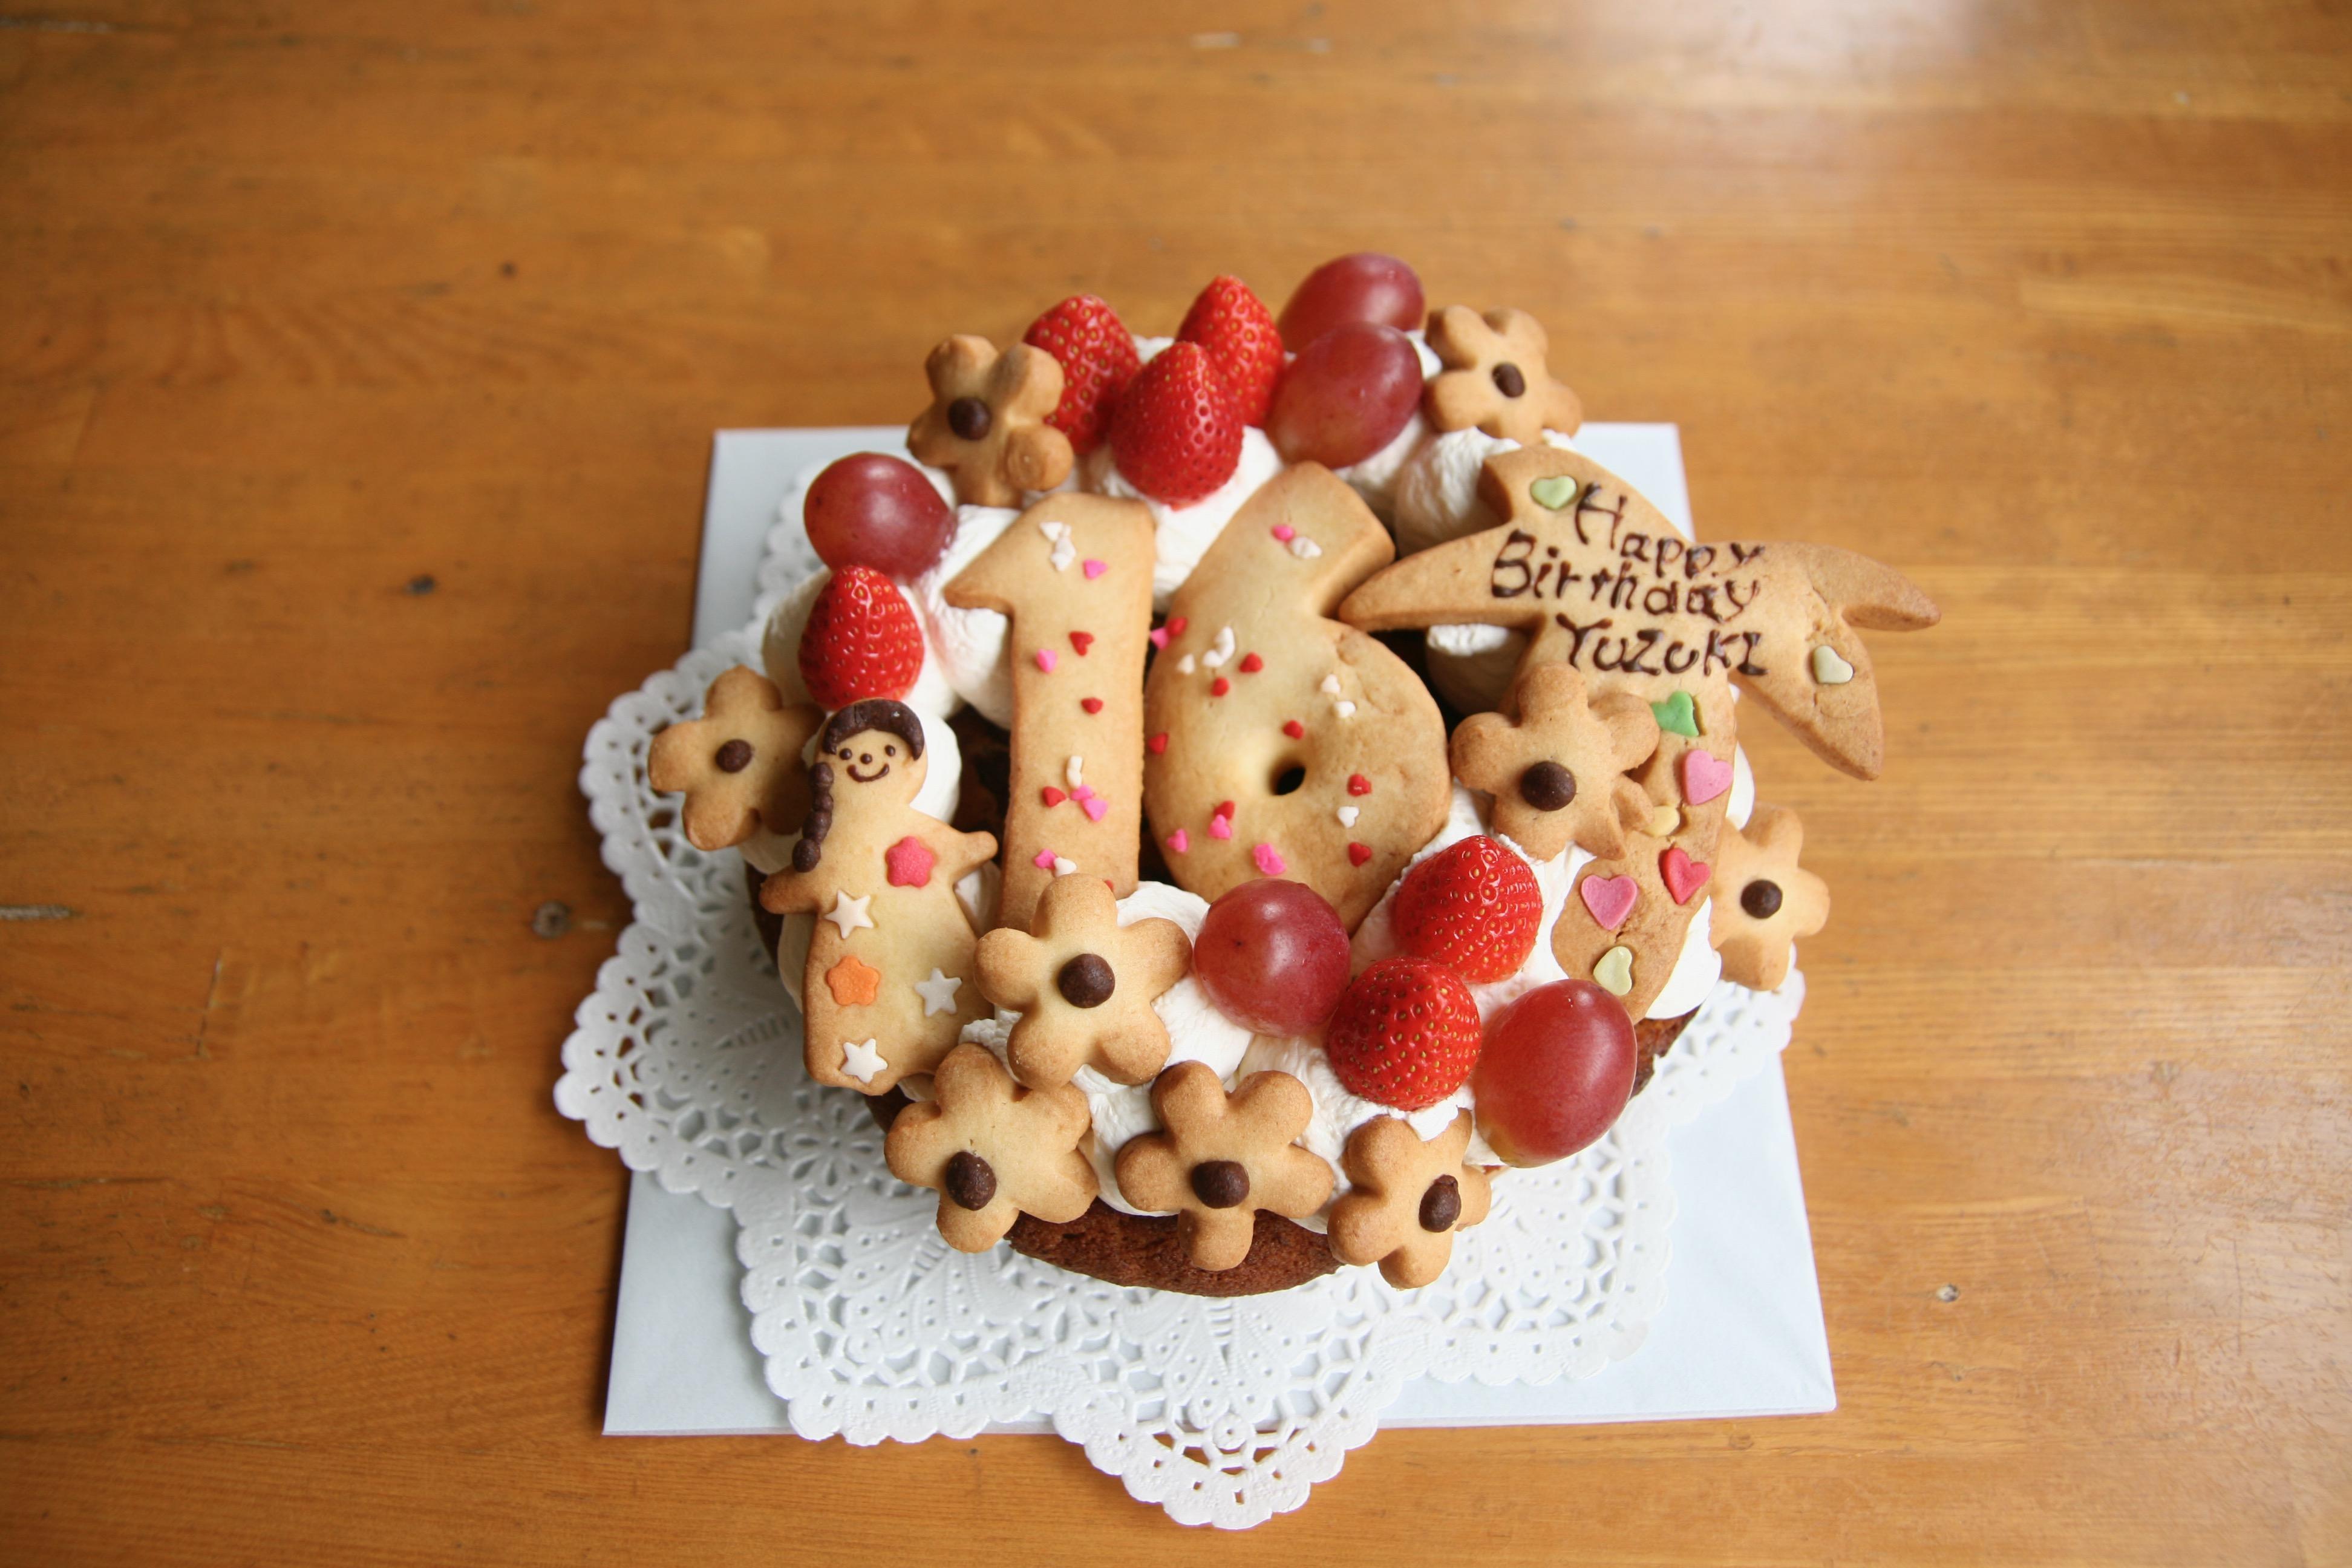 1月のオーダーメイド のケーキが作れる日